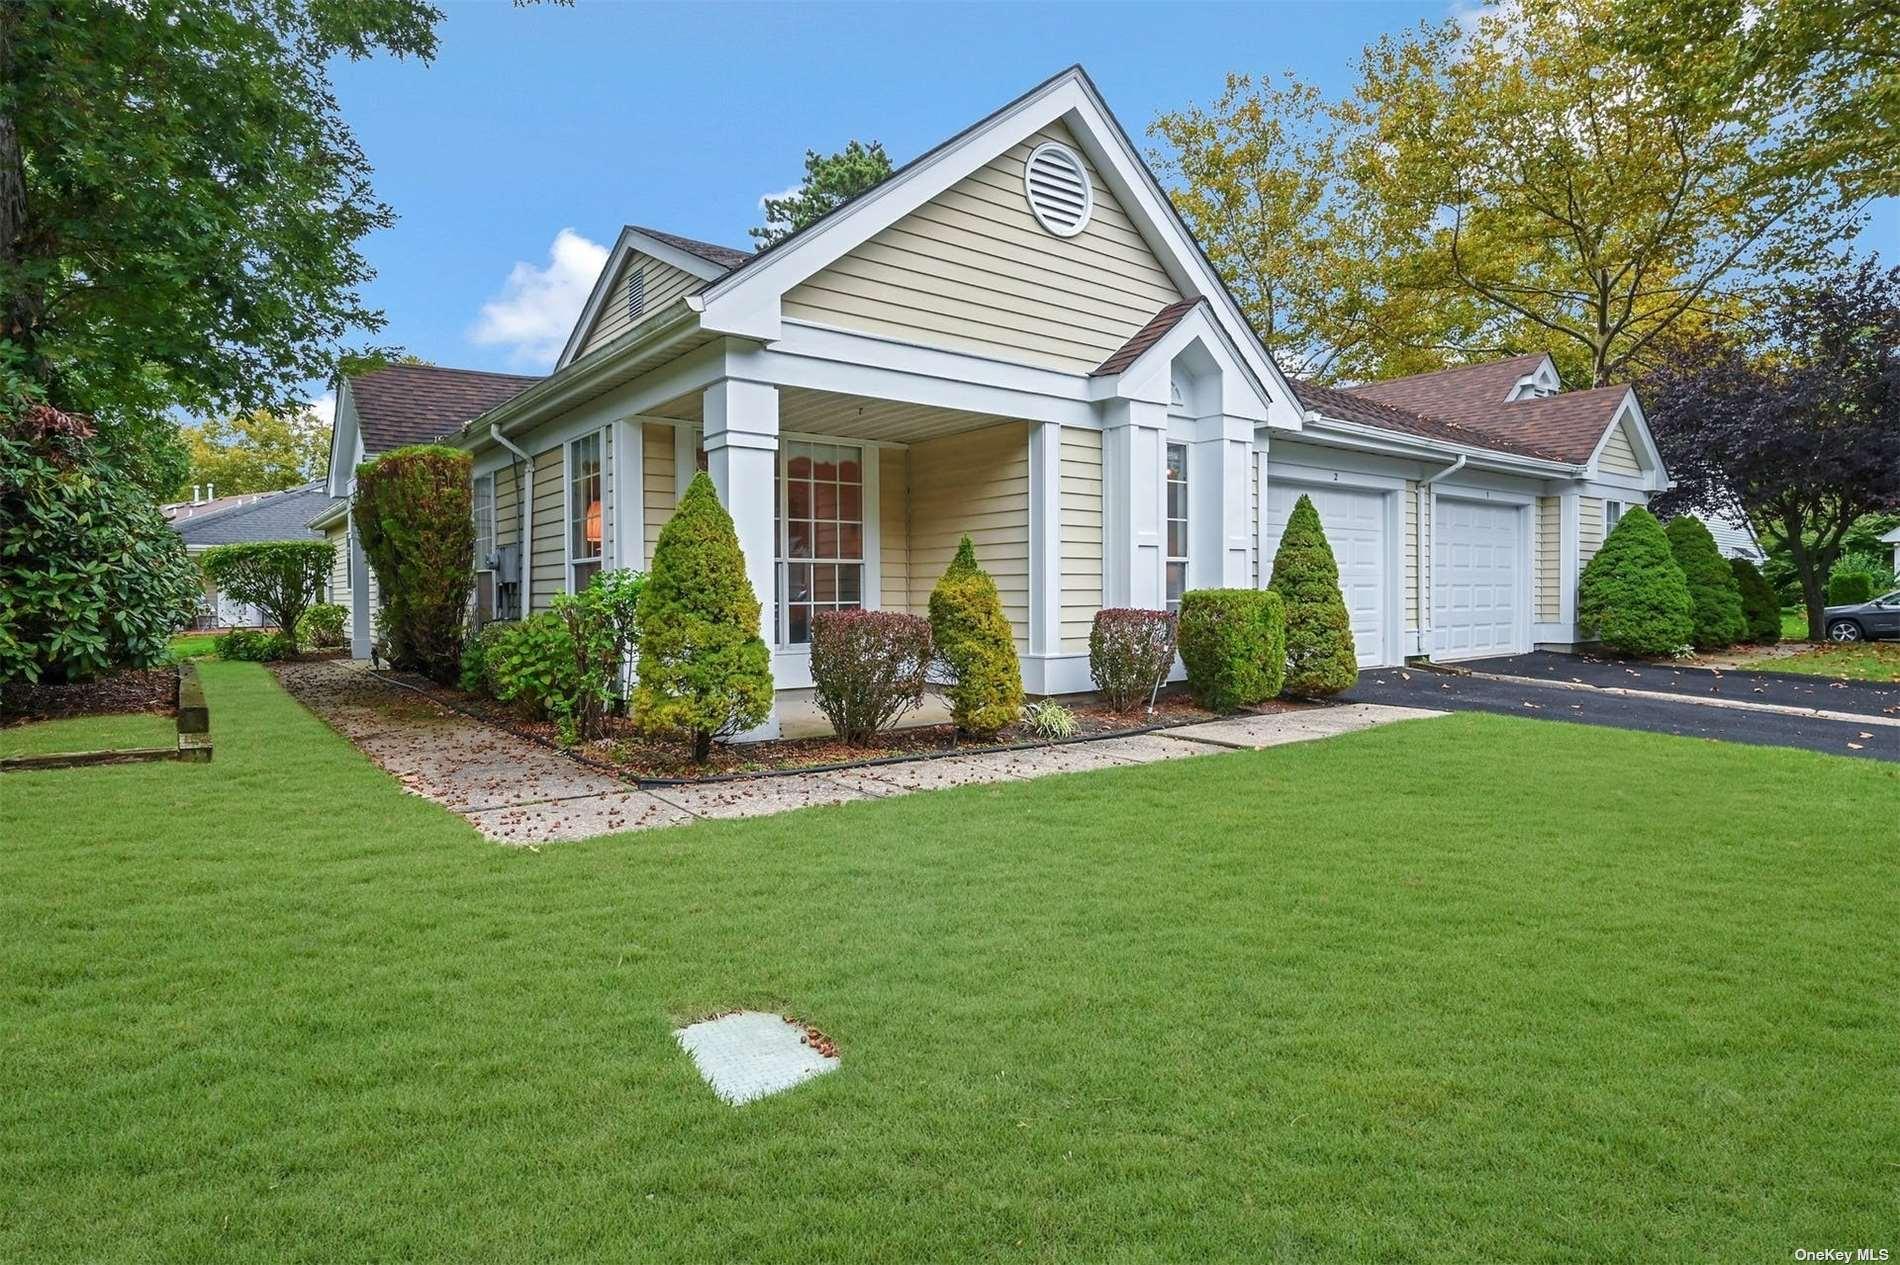 2 Villanova Court, Ridge, New York11961 | Residential For Sale